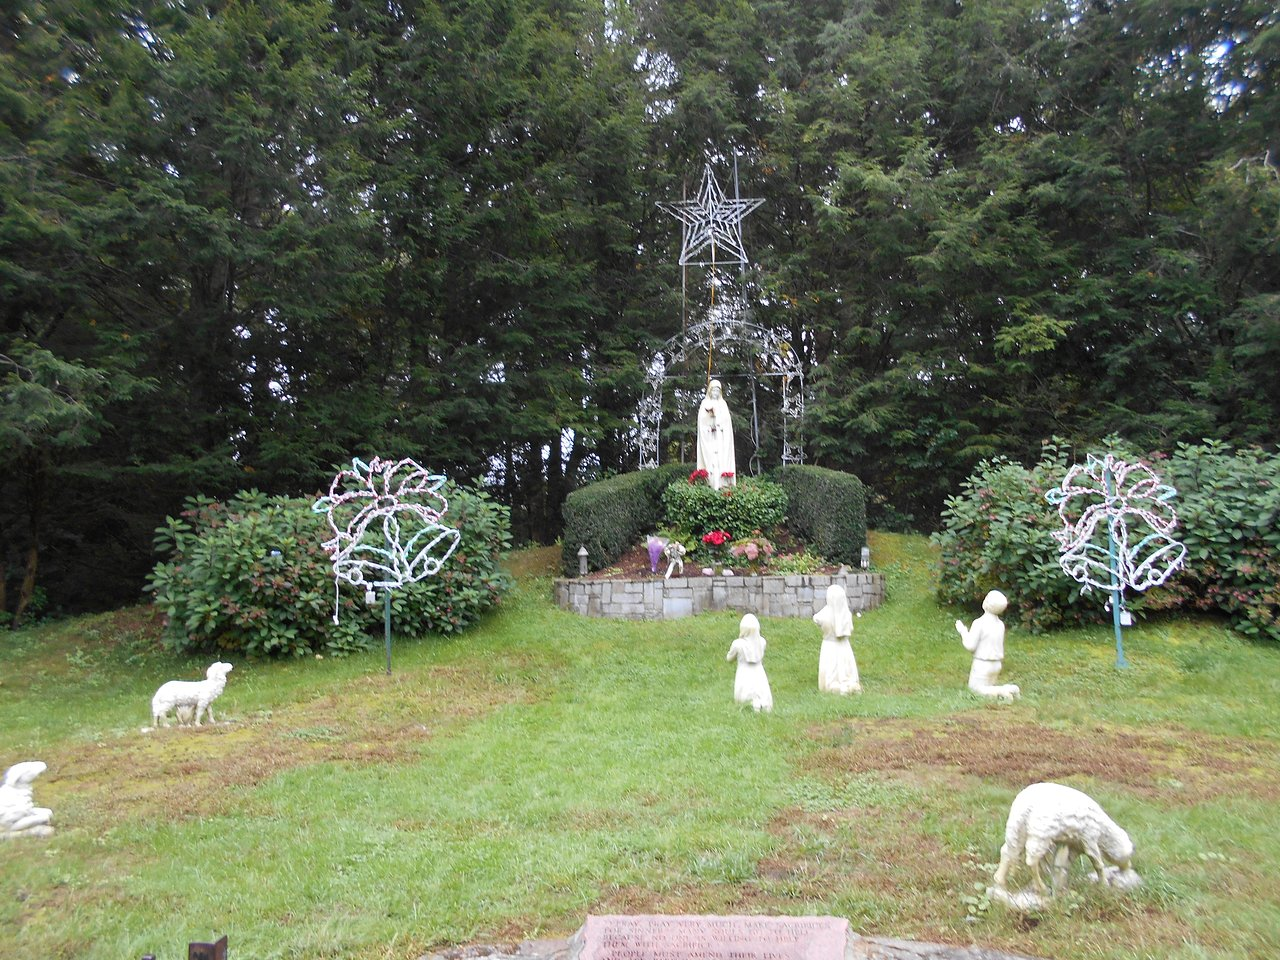 Fatima Shrine Holliston Ma Christmas Lights 2020 Fatima shrine (Holliston)   2020 All You Need to Know BEFORE You